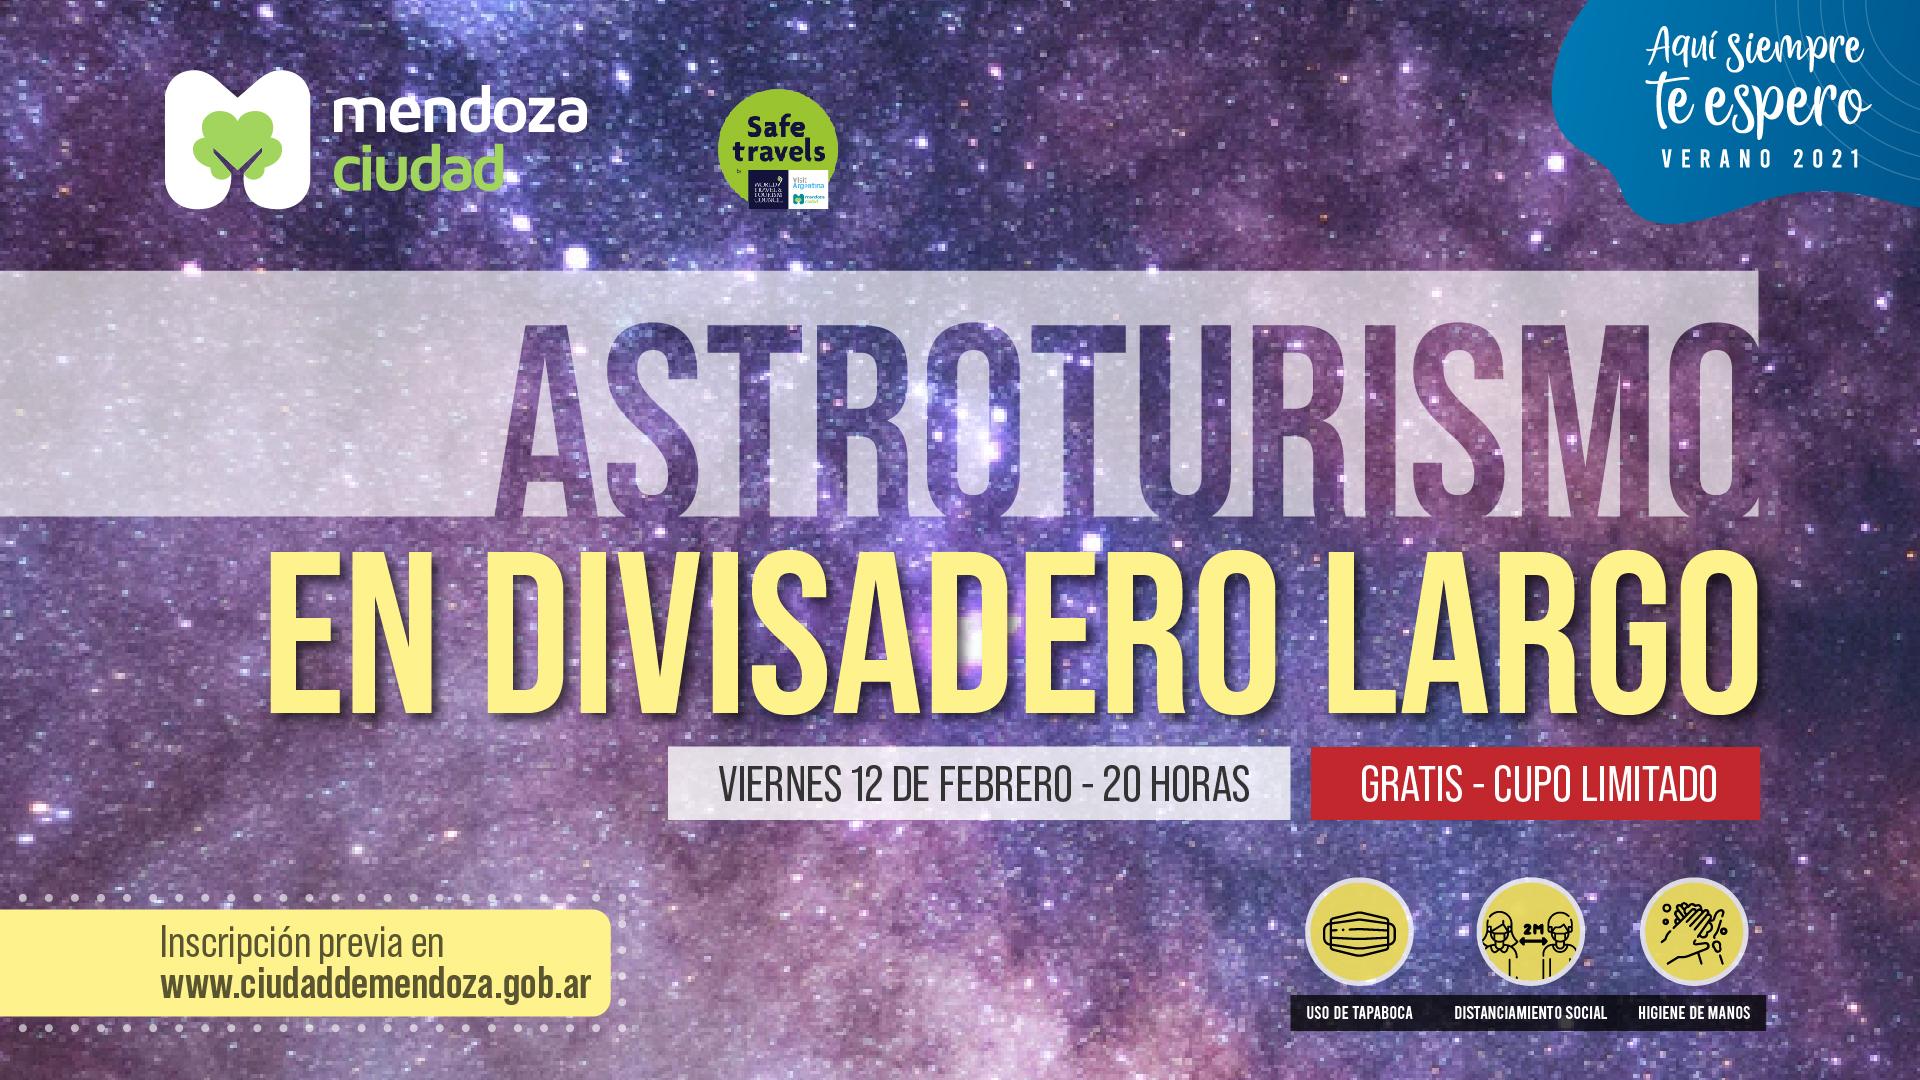 Astroturismo TW